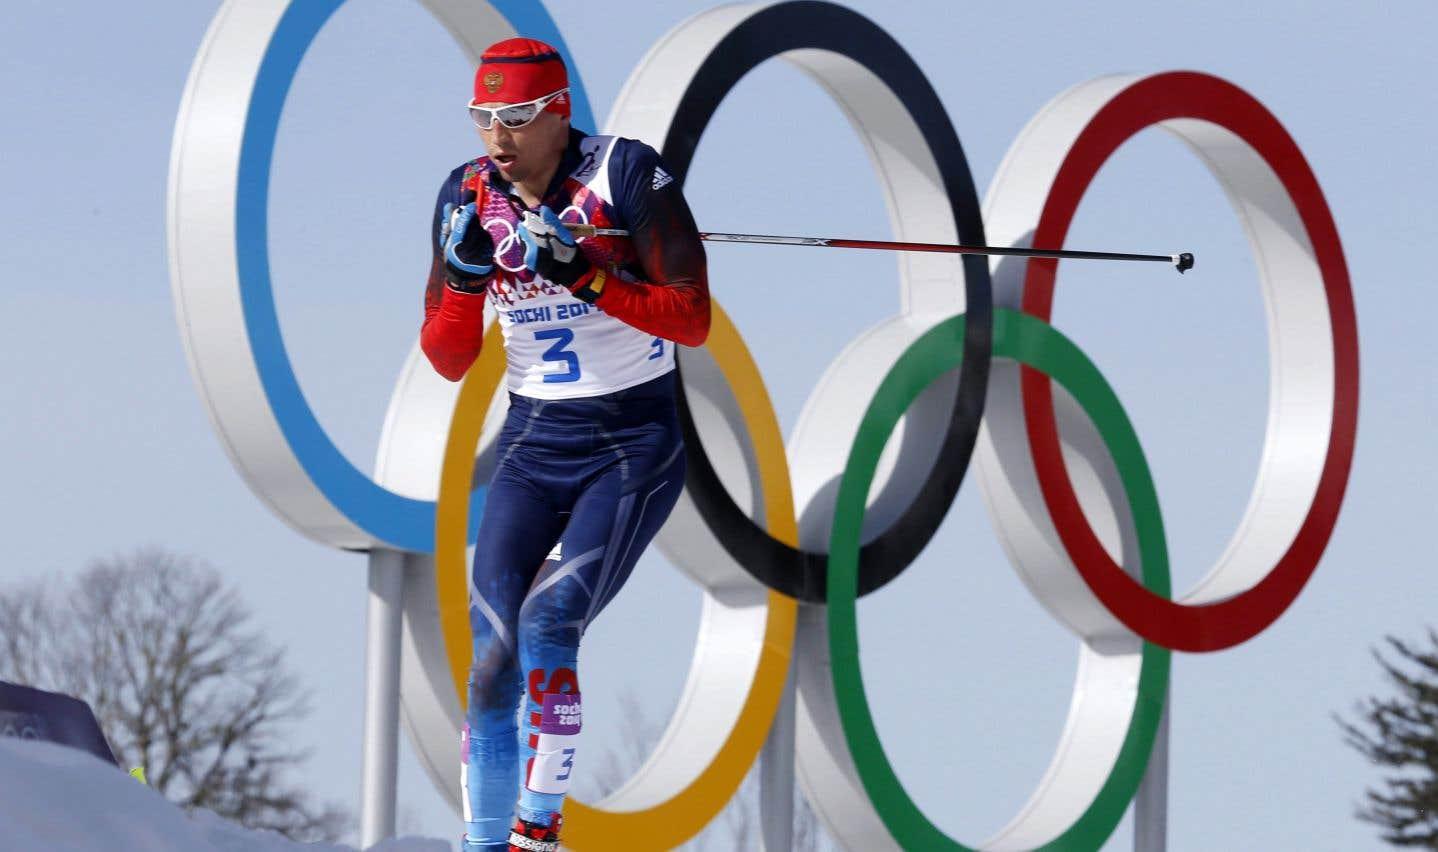 Dopage: suspension à vie annulée pour 28 athlètes russes